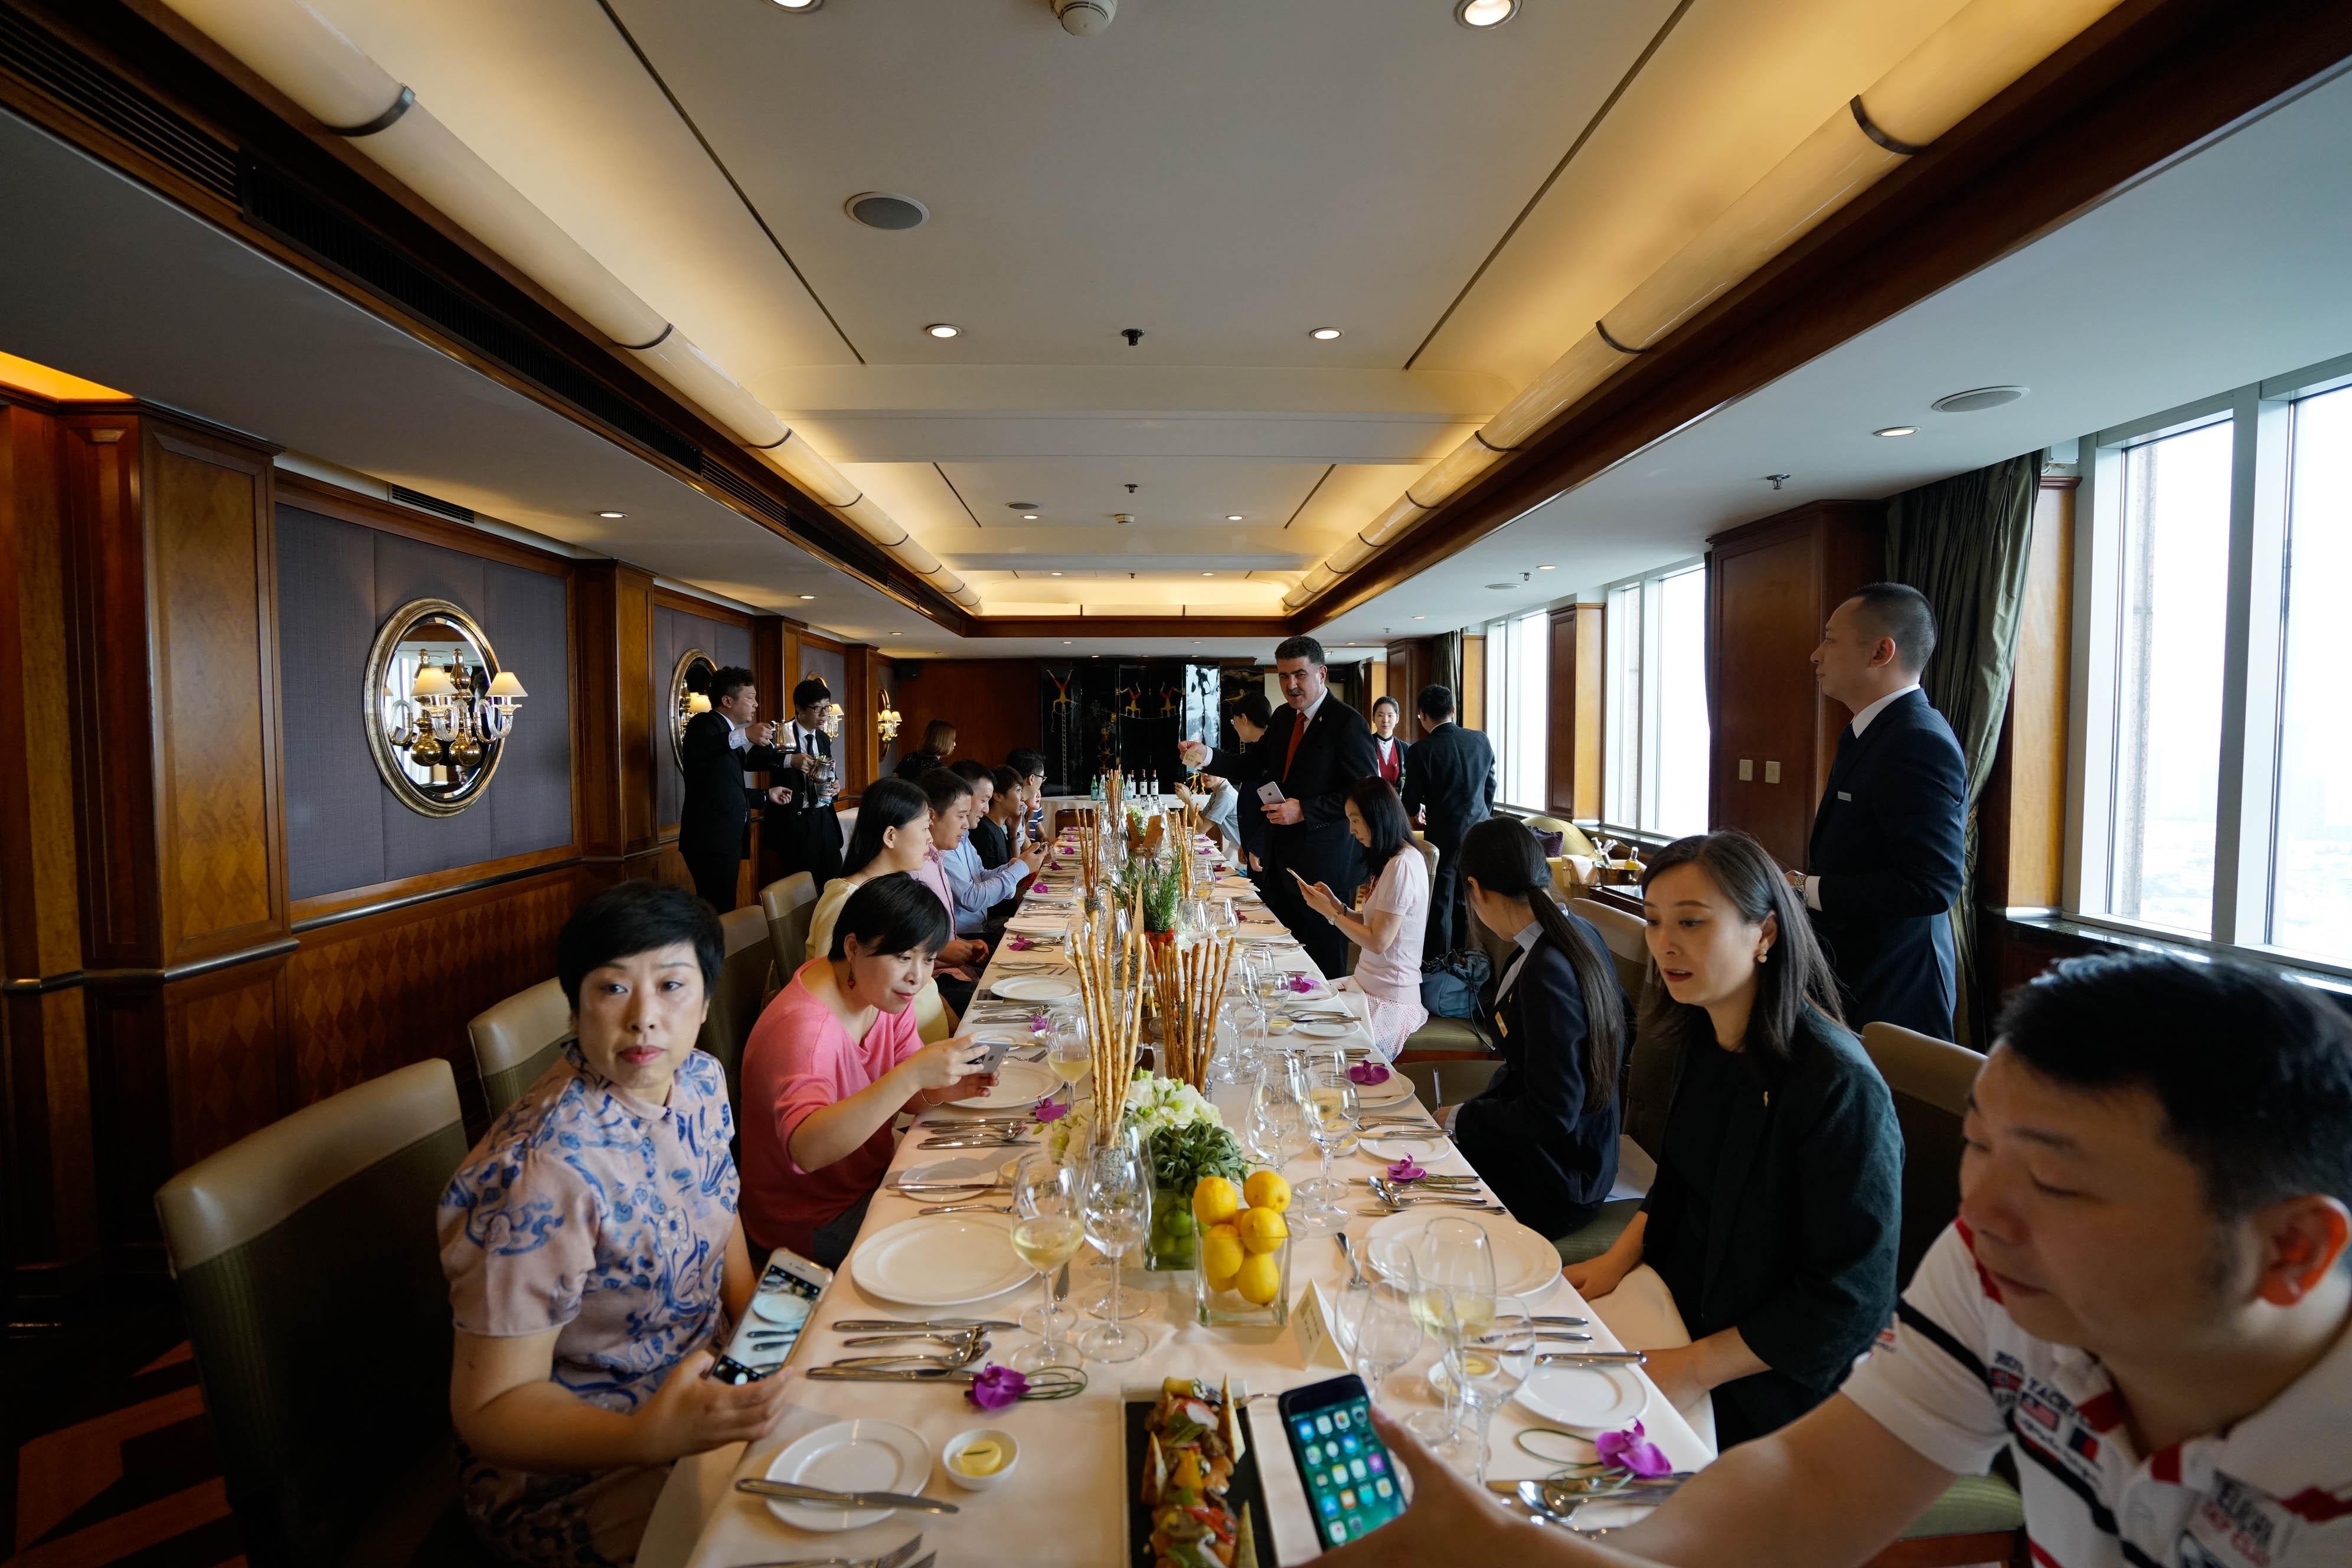 法拉利车队在上海最爱的酒店,39楼意大利餐厅主厨曾经接待过舒马赫和他的队友